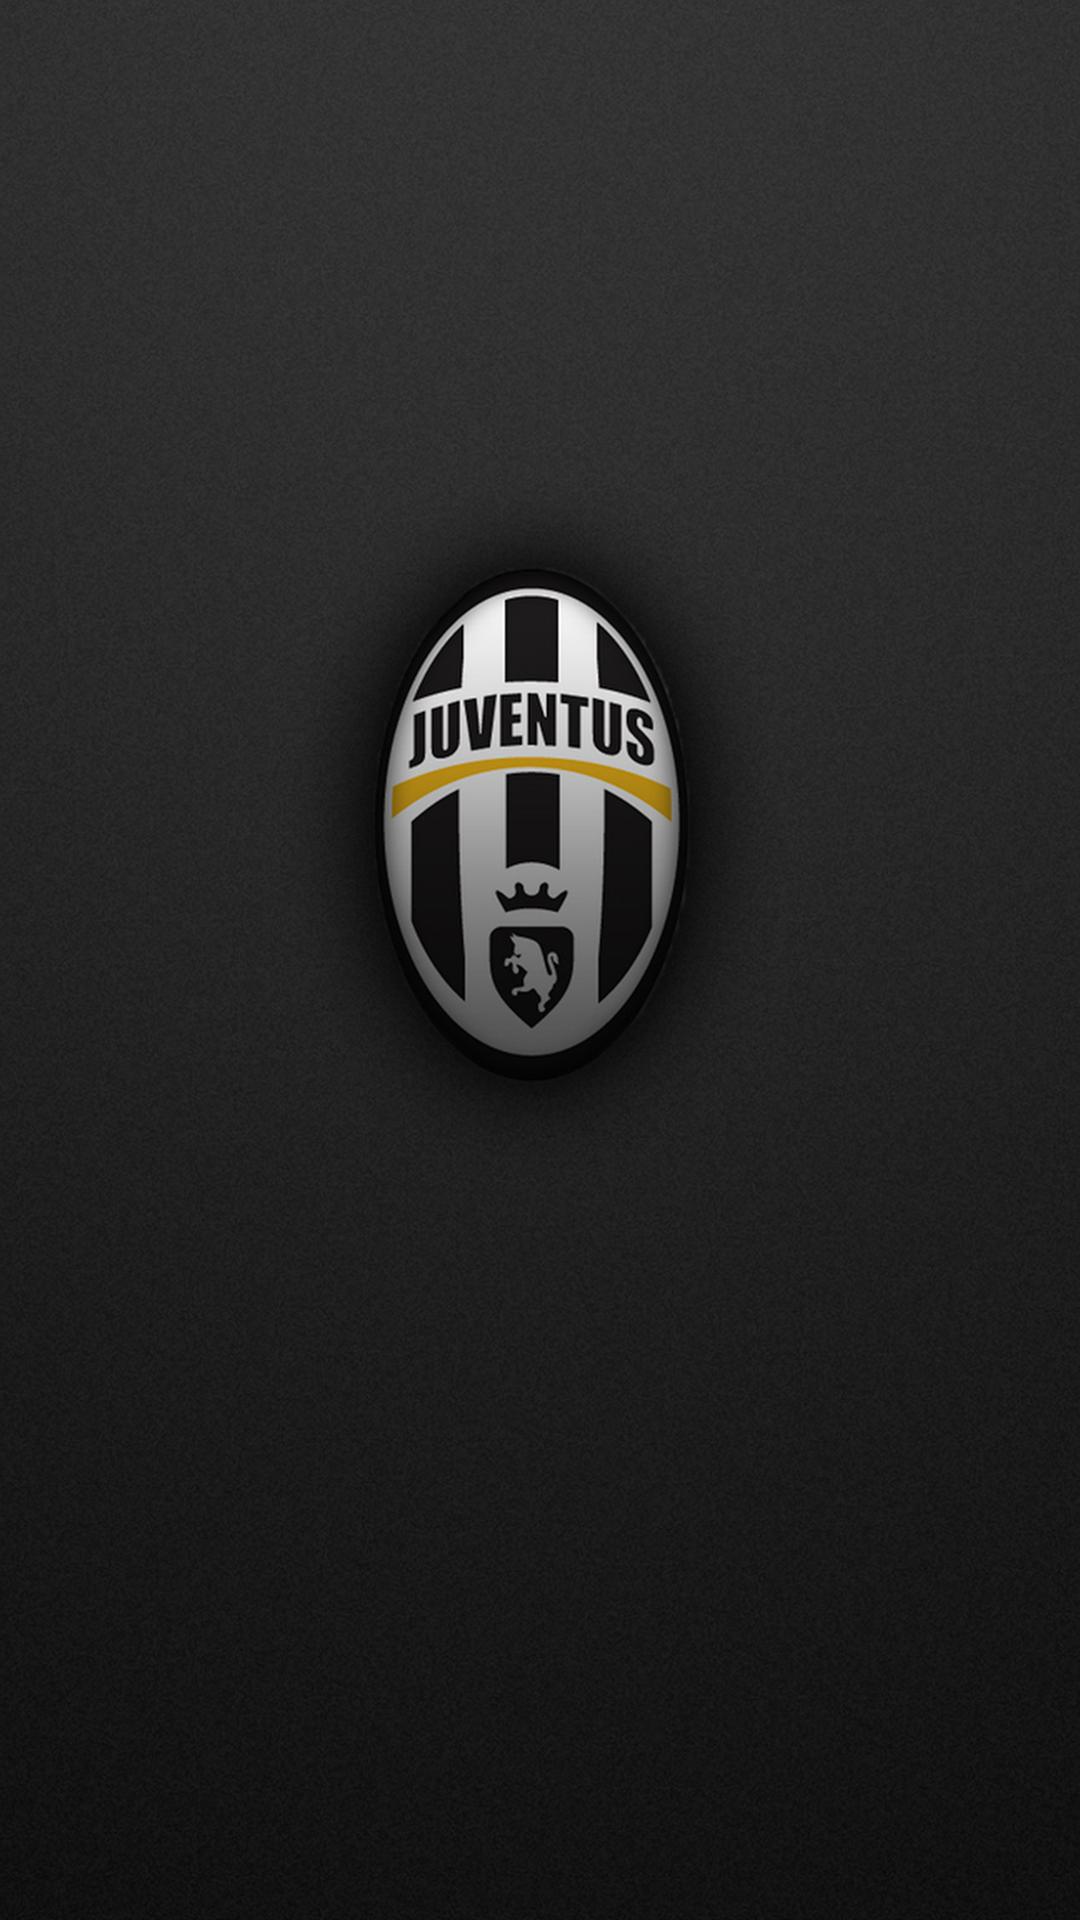 Free HD Juventus Phone Wallpaper6625